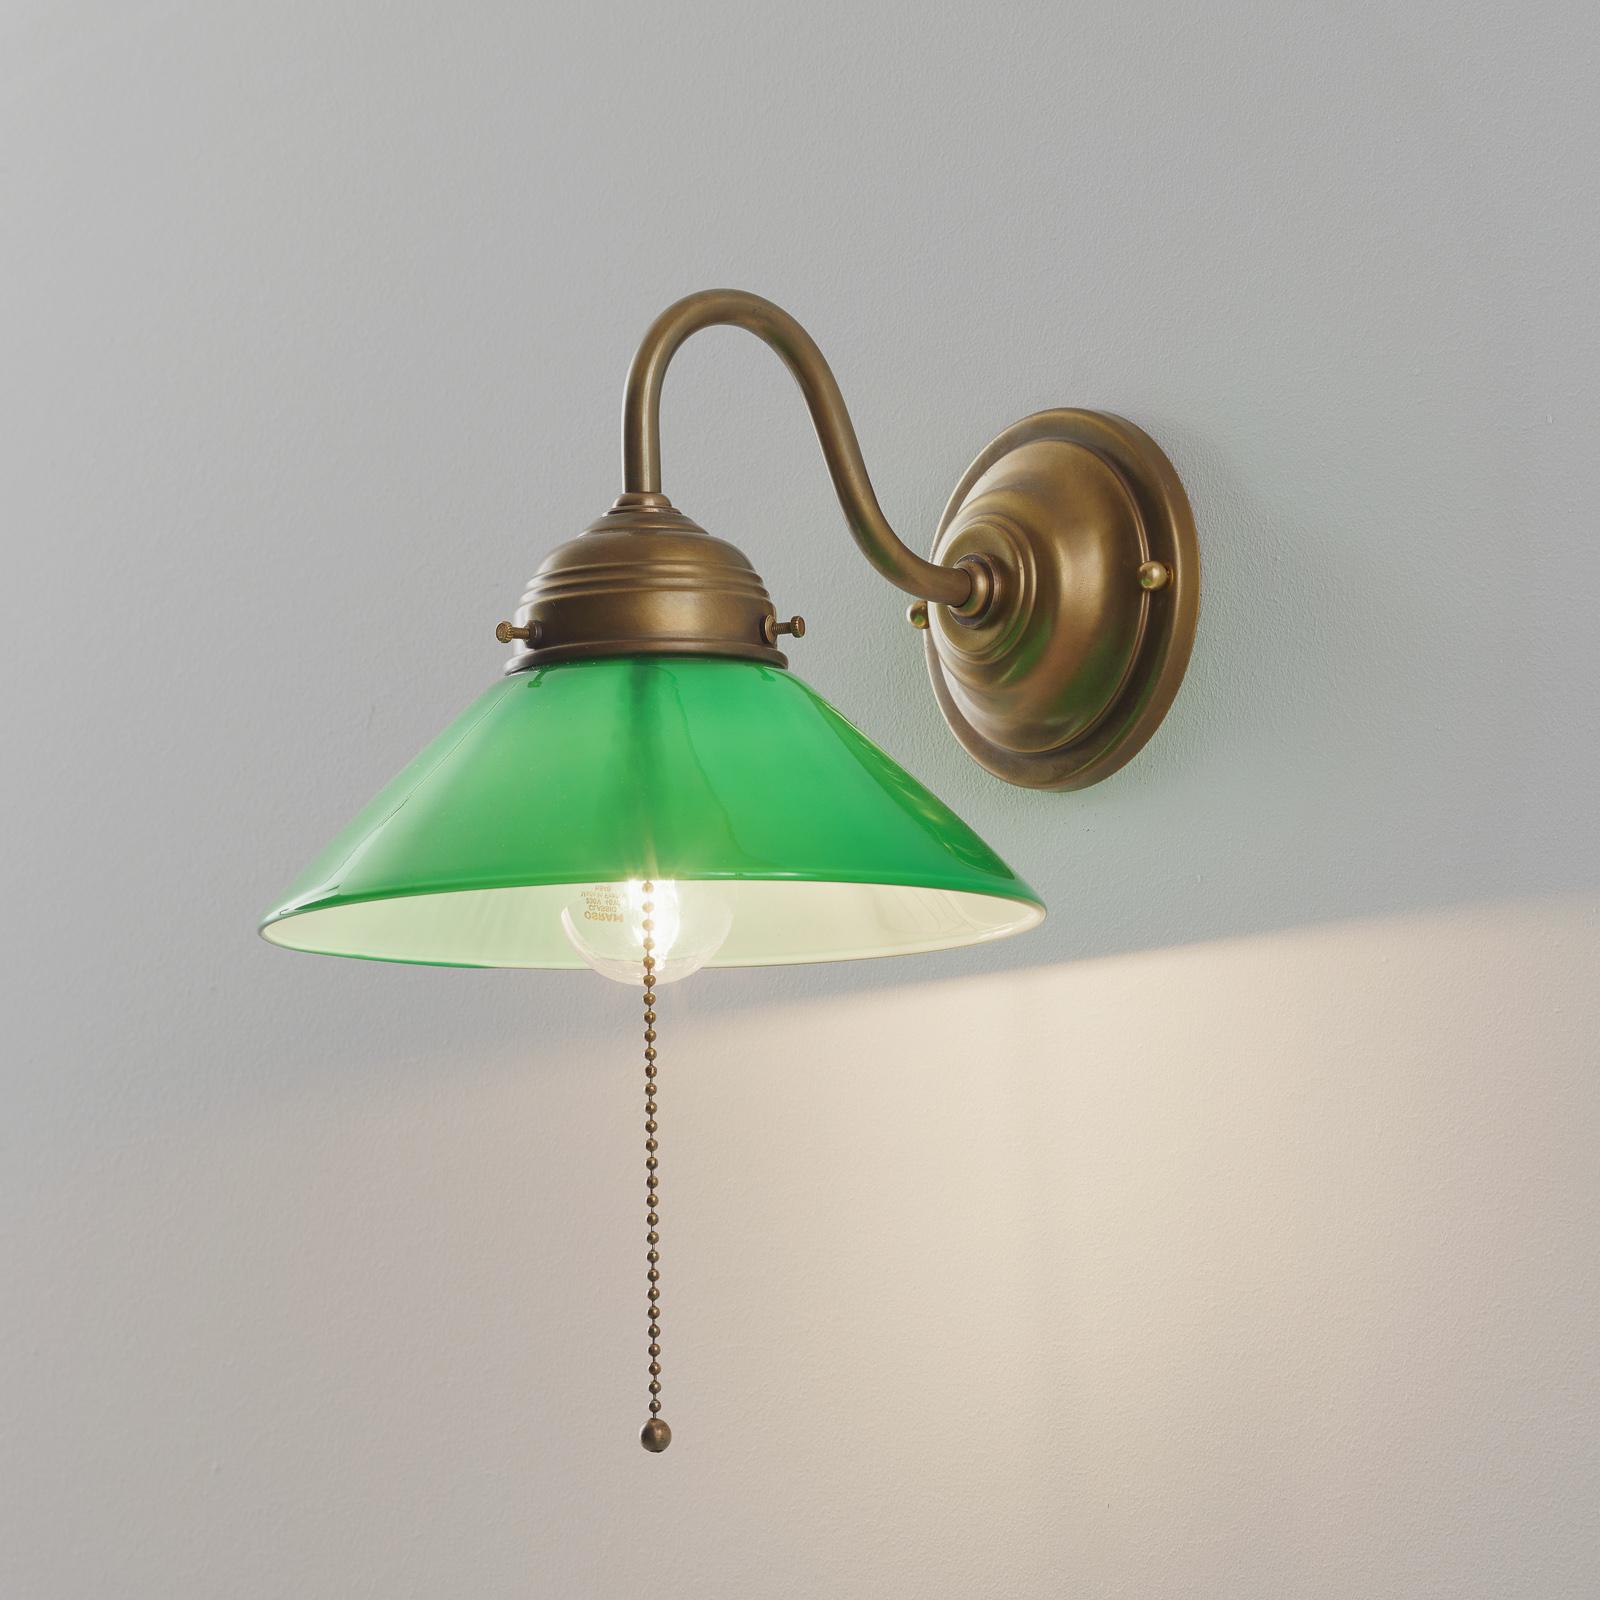 Lampa ścienna KONRAD z zielonym kloszem